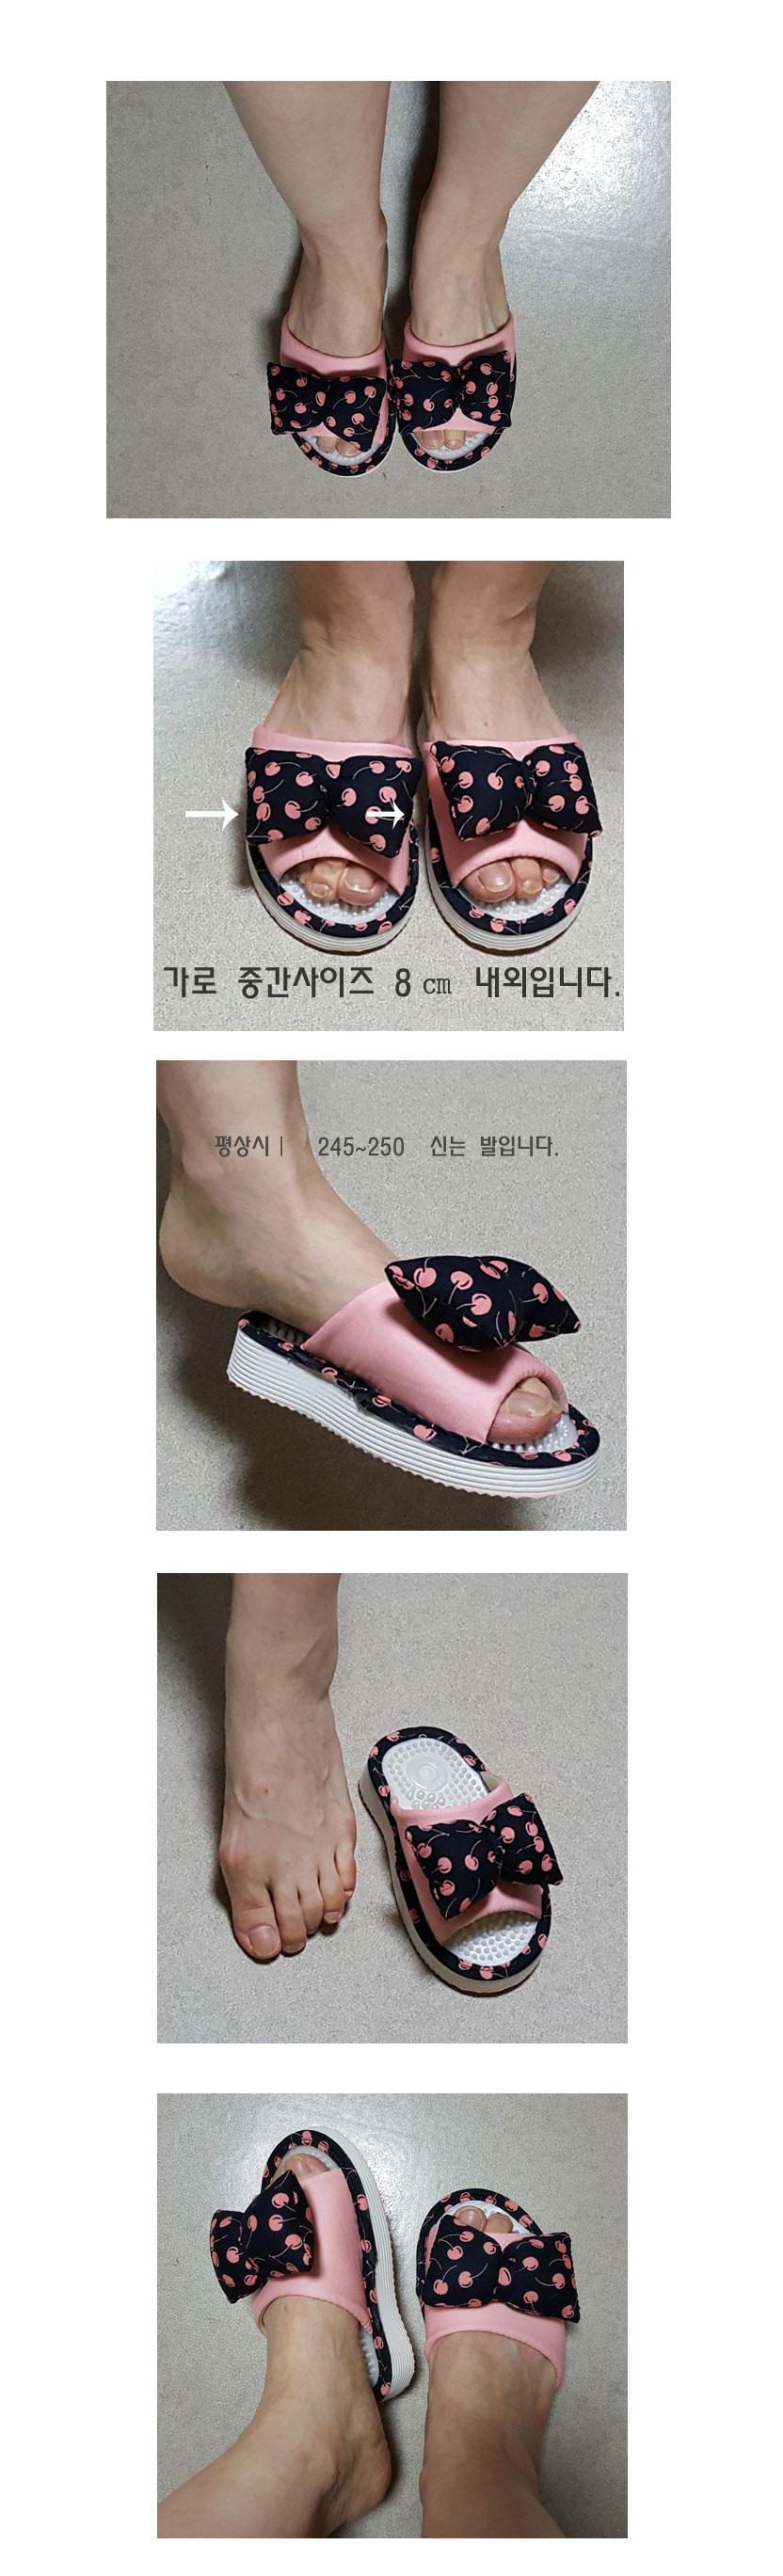 체리 헬츠 다이어트 슬리퍼(2color)-annahouse - 안나하우스, 11,000원, 운동기구/소품, 운동기구